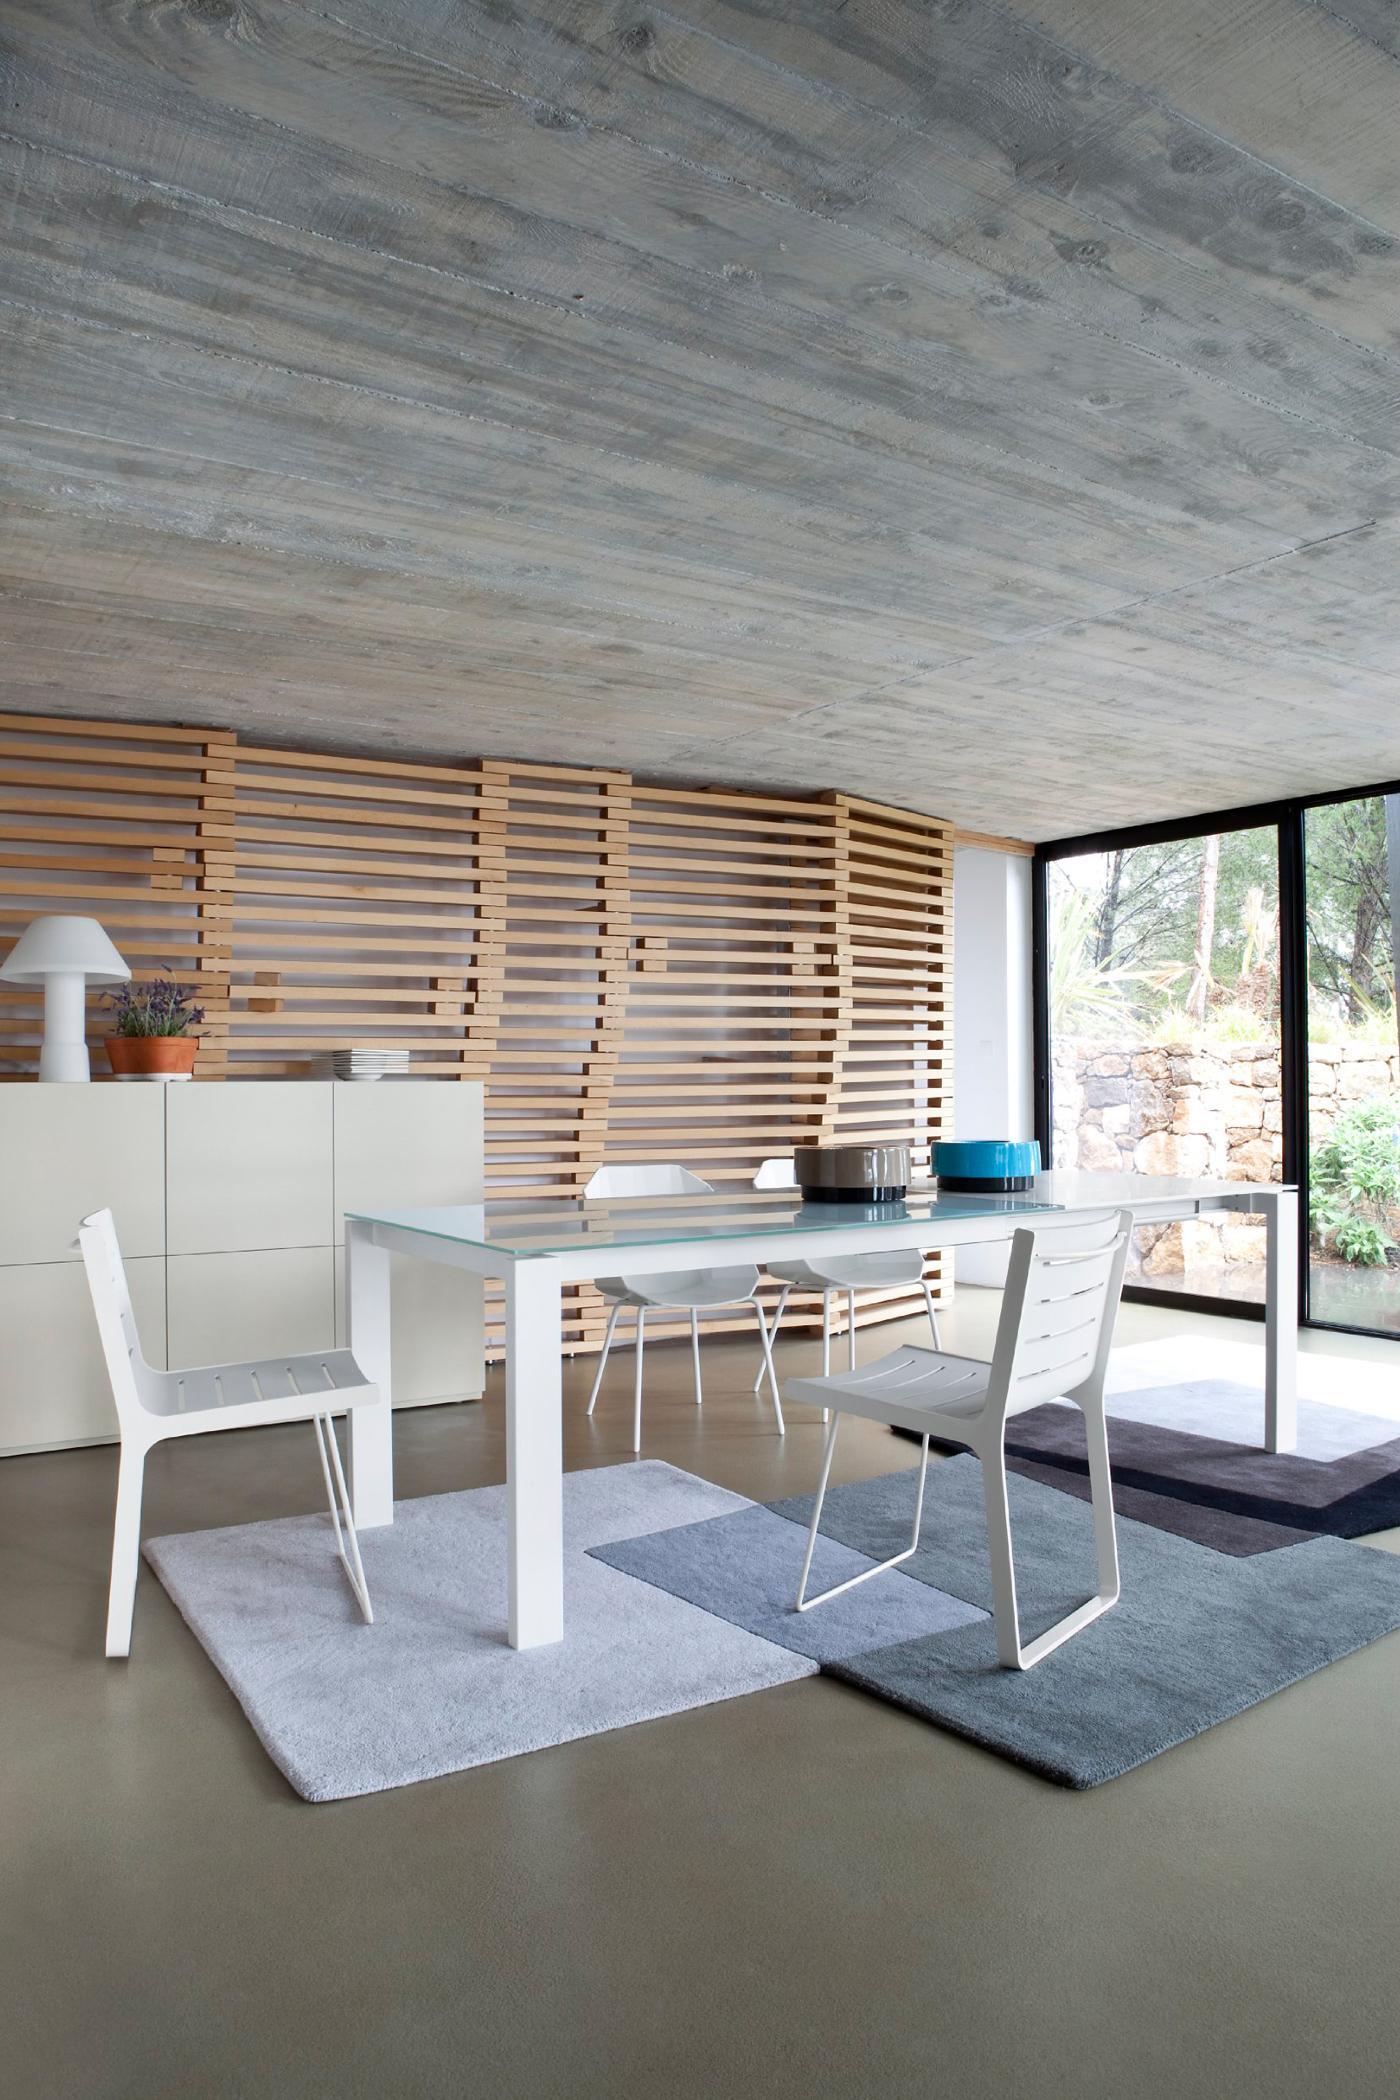 Sichtbeton Und Kreative Wandgestaltung #stuhl #glastisch #wandgestaltung  #weißerstuhl #holzwandverkleidung ©Ligne